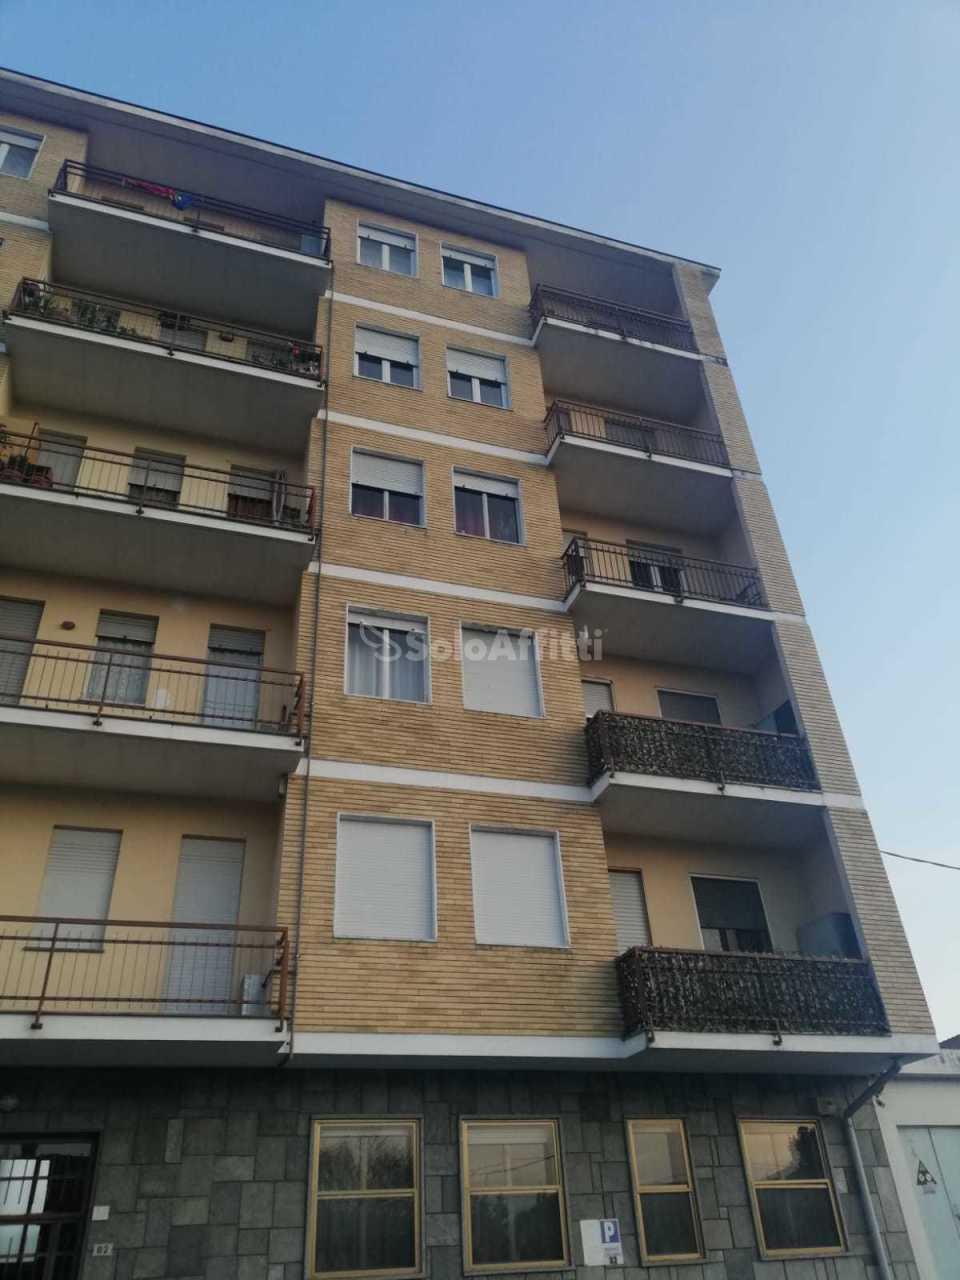 Foto 1 di Appartamento Via Torino, Bruino